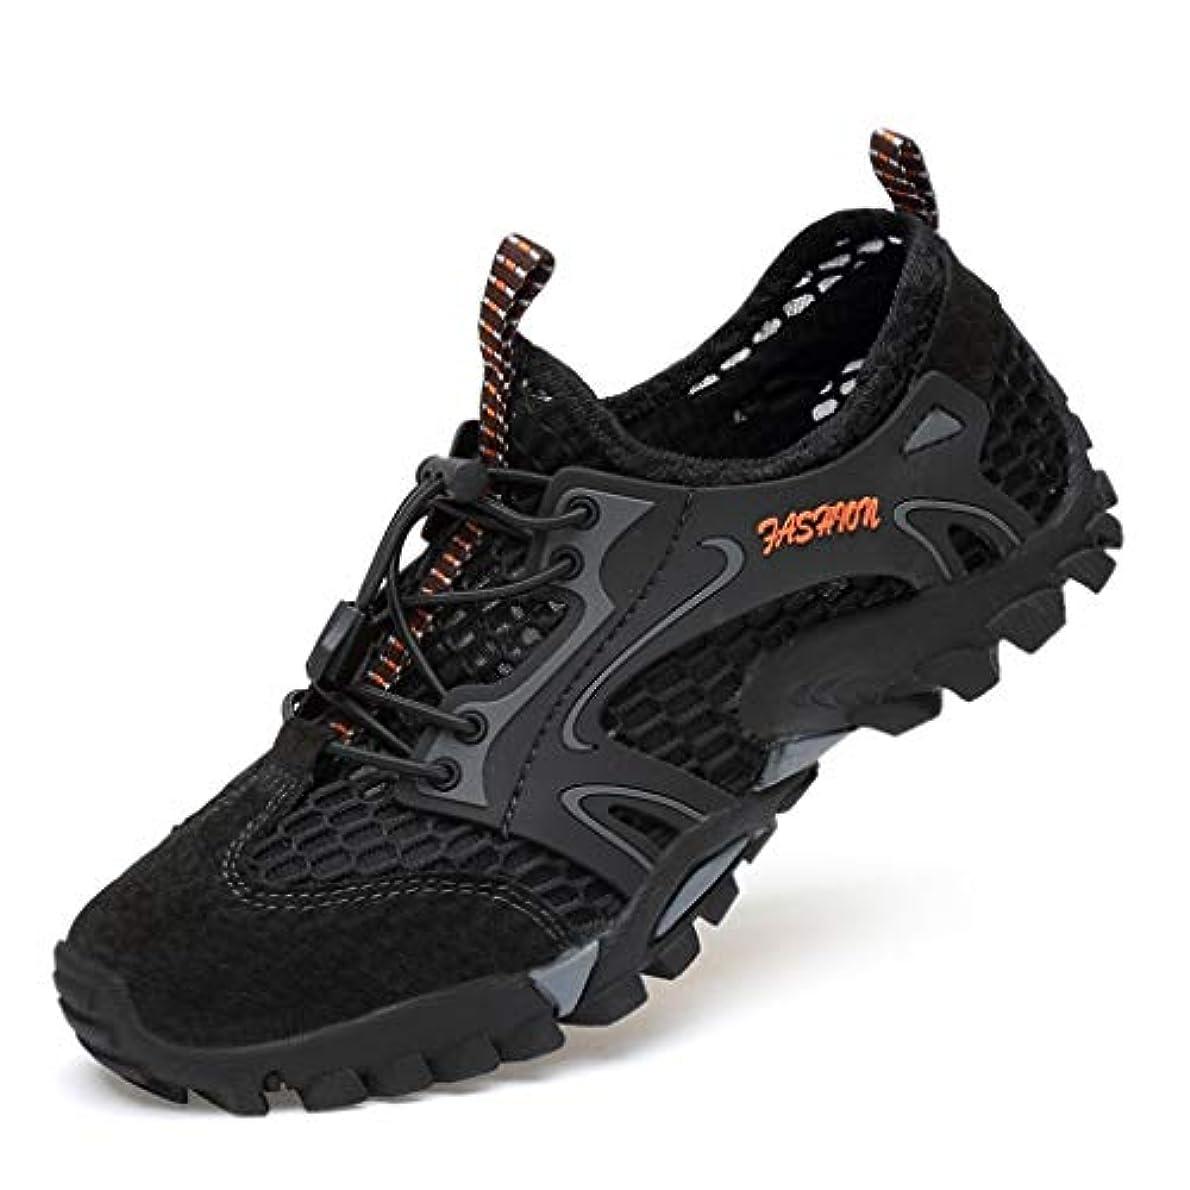 謎原子信号登山靴 耐磨耗 27.5cm トレッキングシューズ メンズ スニーカー シューズ ローカット ハイキングシューズ くろい 安全靴 作業靴 ランニングシューズ 柔らか素材 通気性 旅行 外出 小さいサイズ 24cm